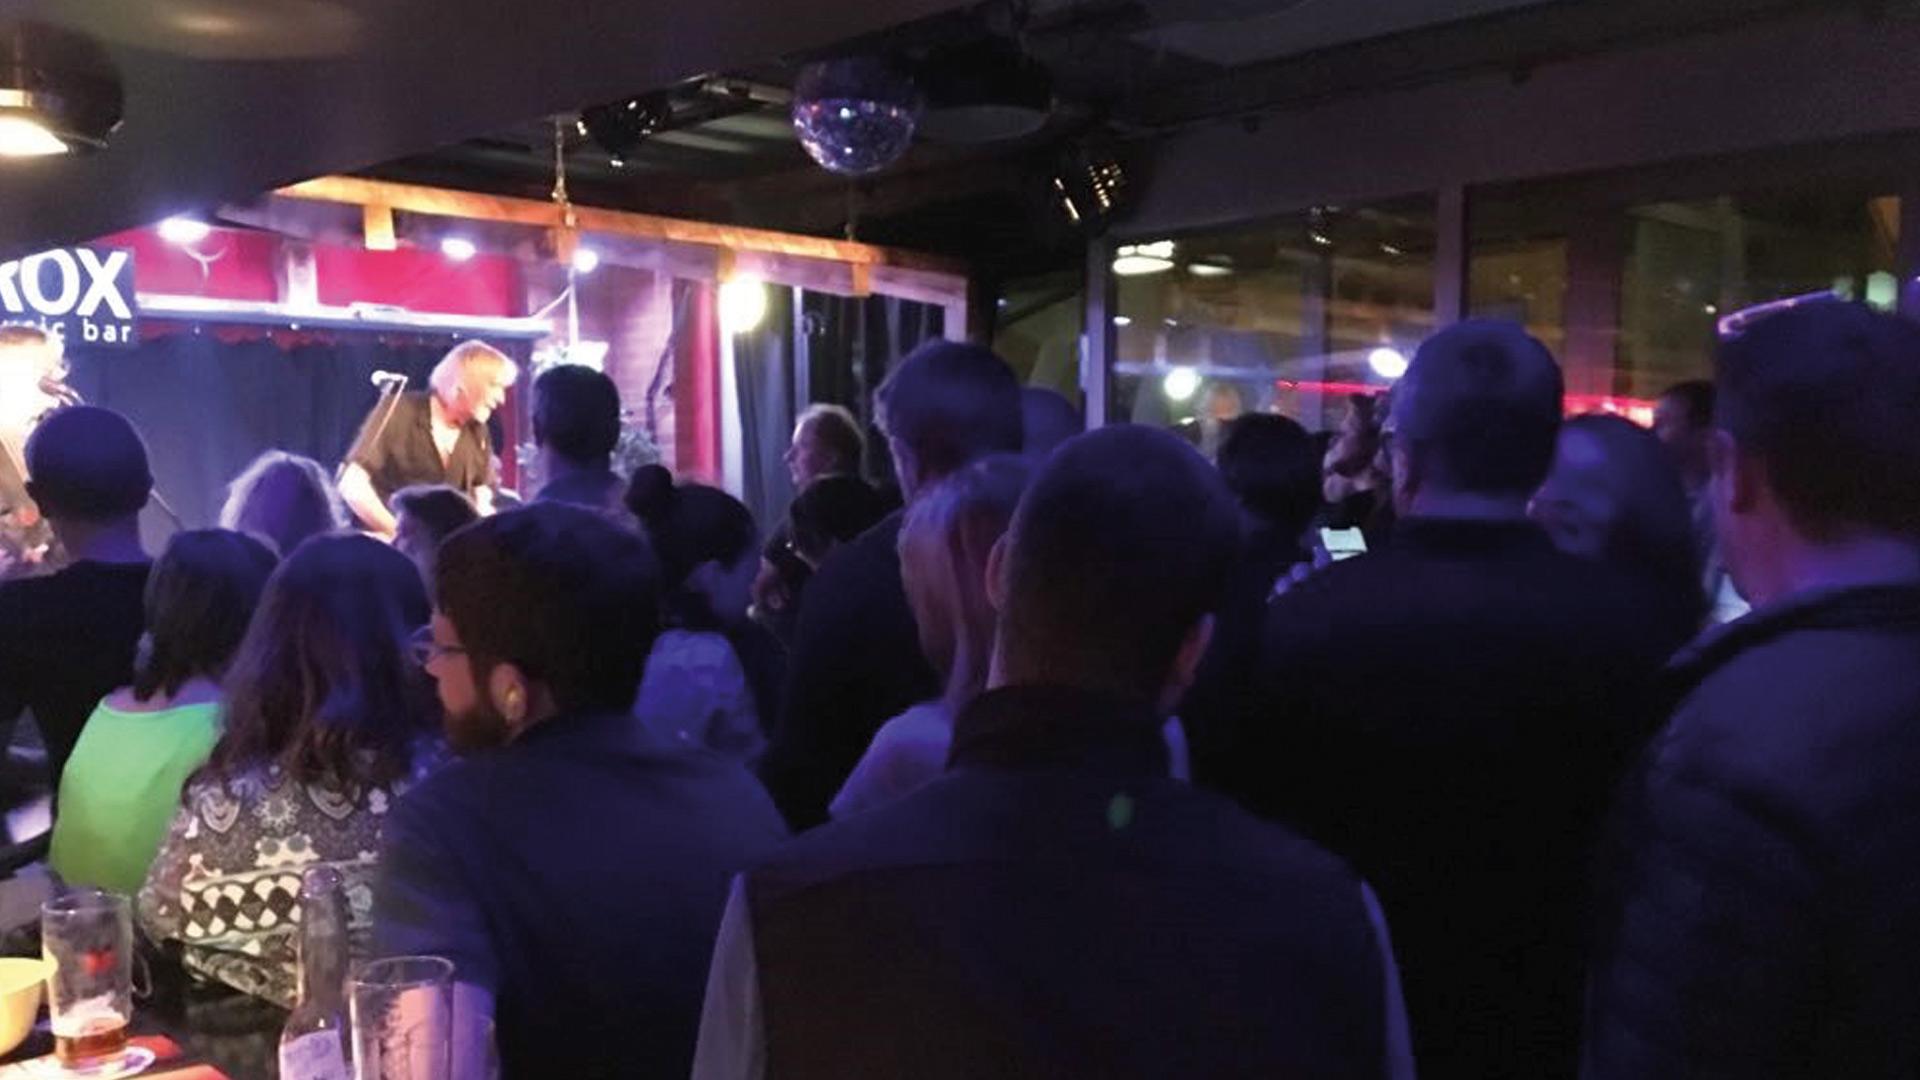 rox-music-bar-disco-2